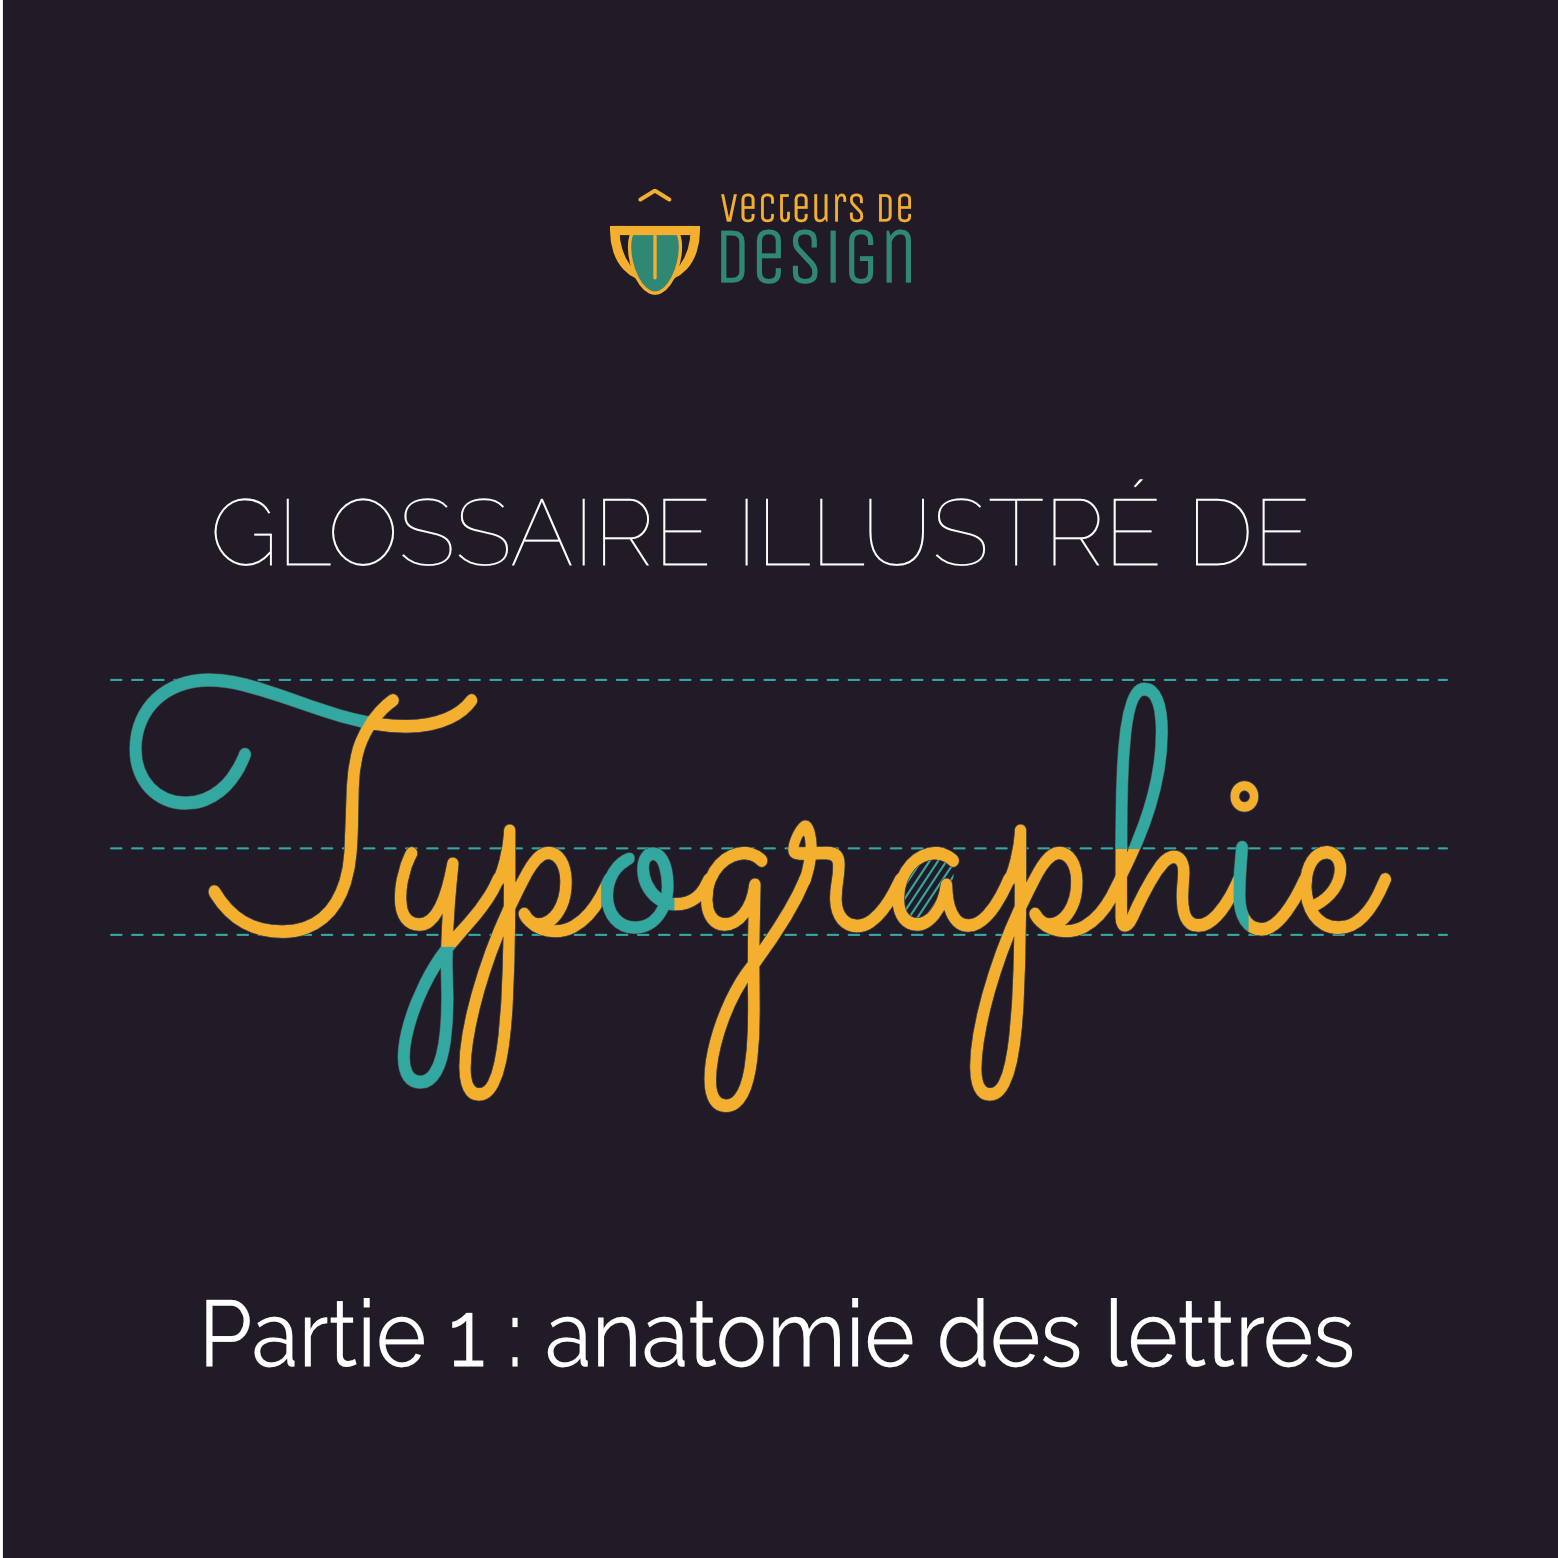 Glossaire illustré de typographie : l'anatomie des lettres